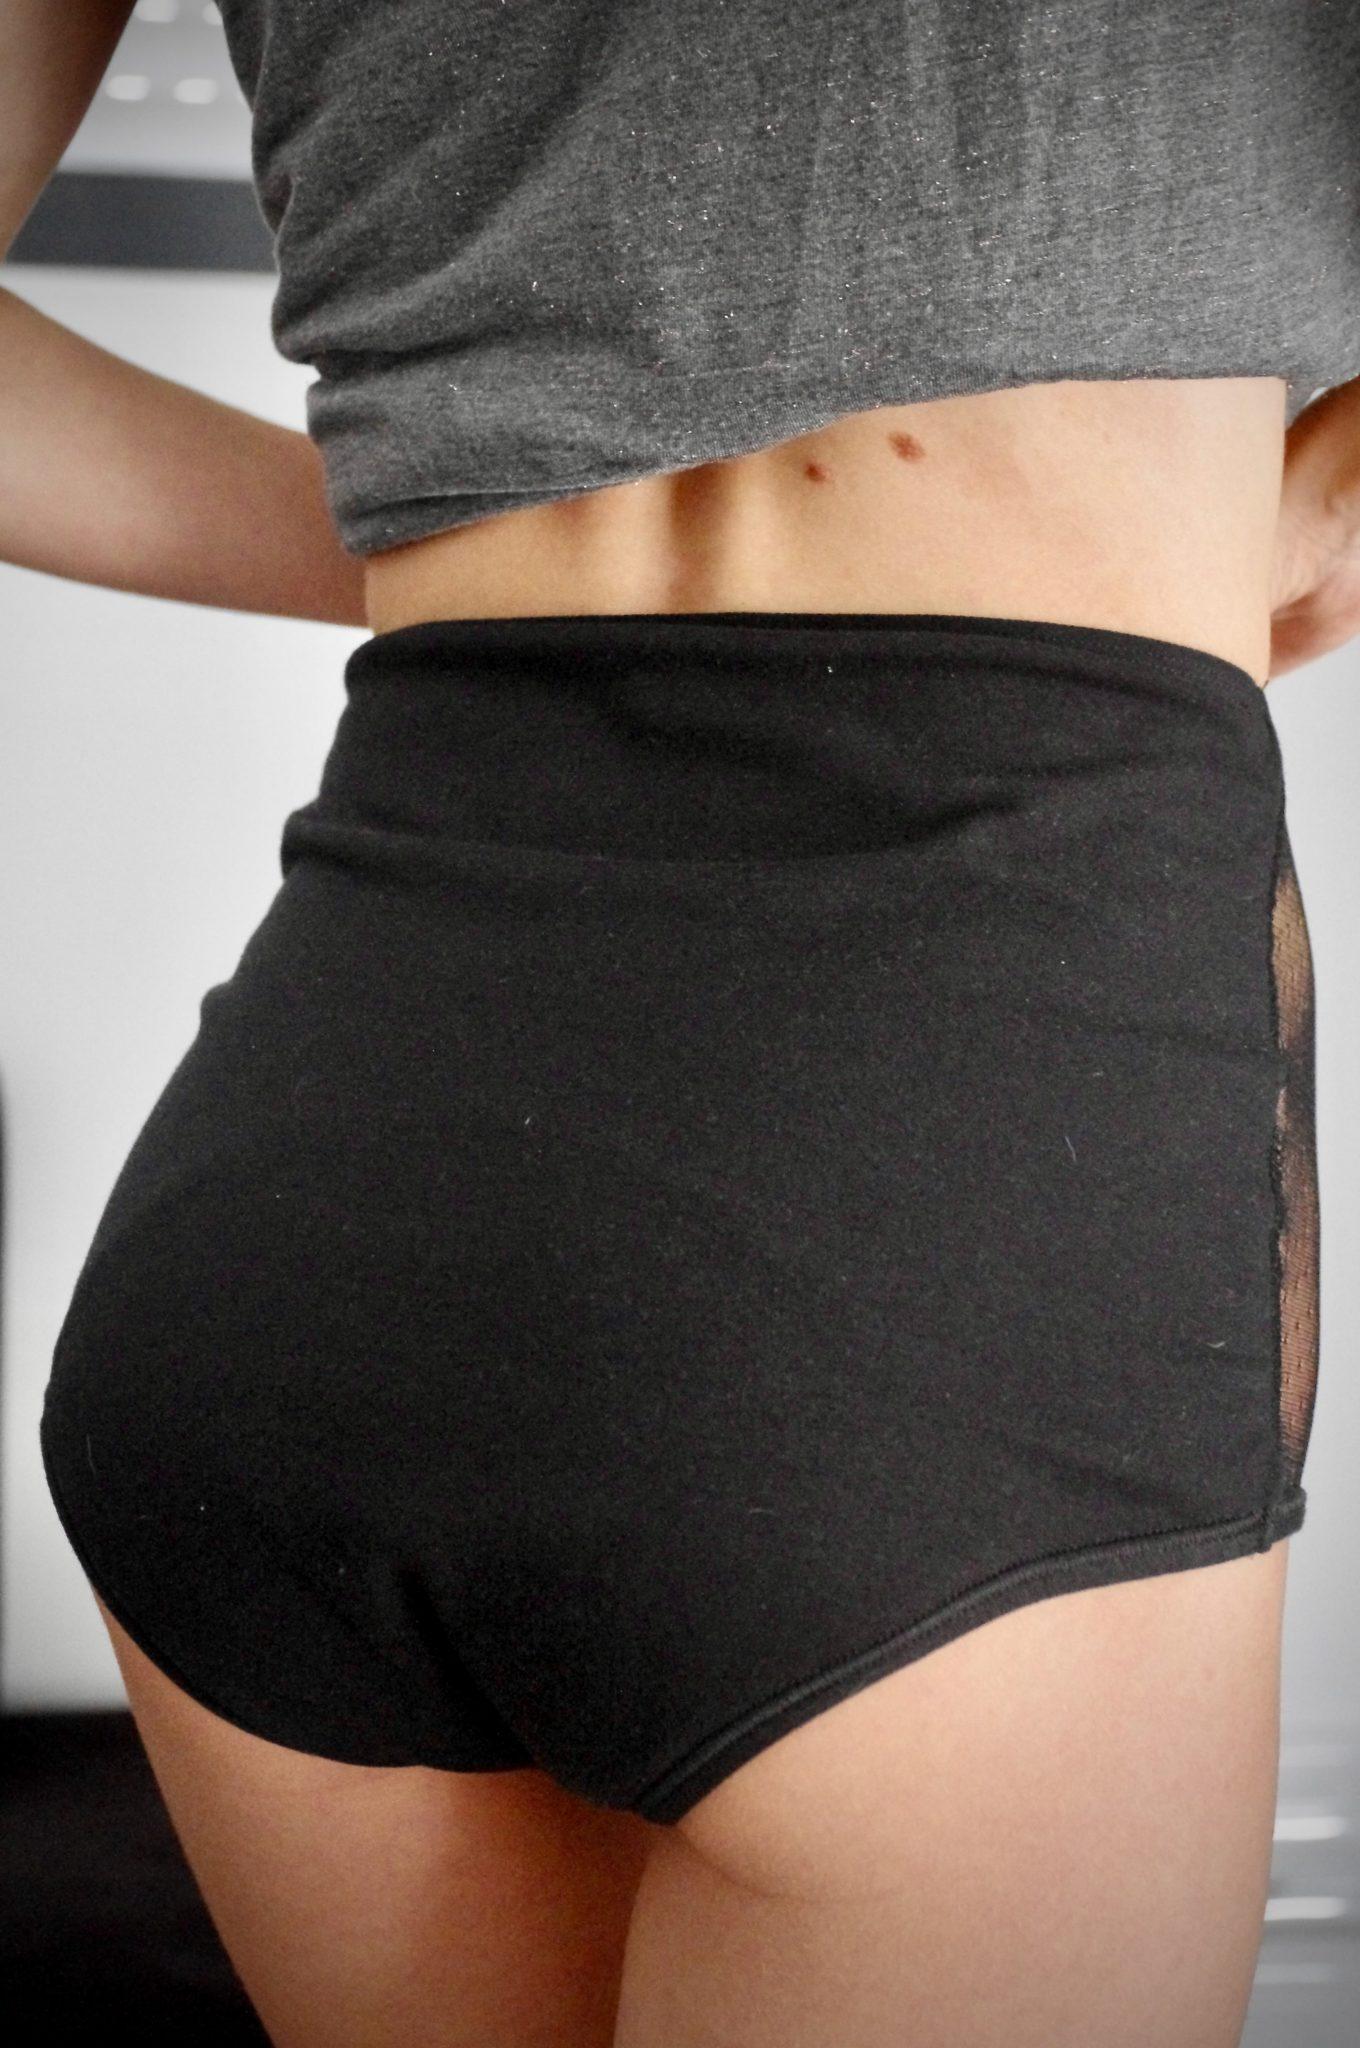 culotte menstruelle taille haute dos